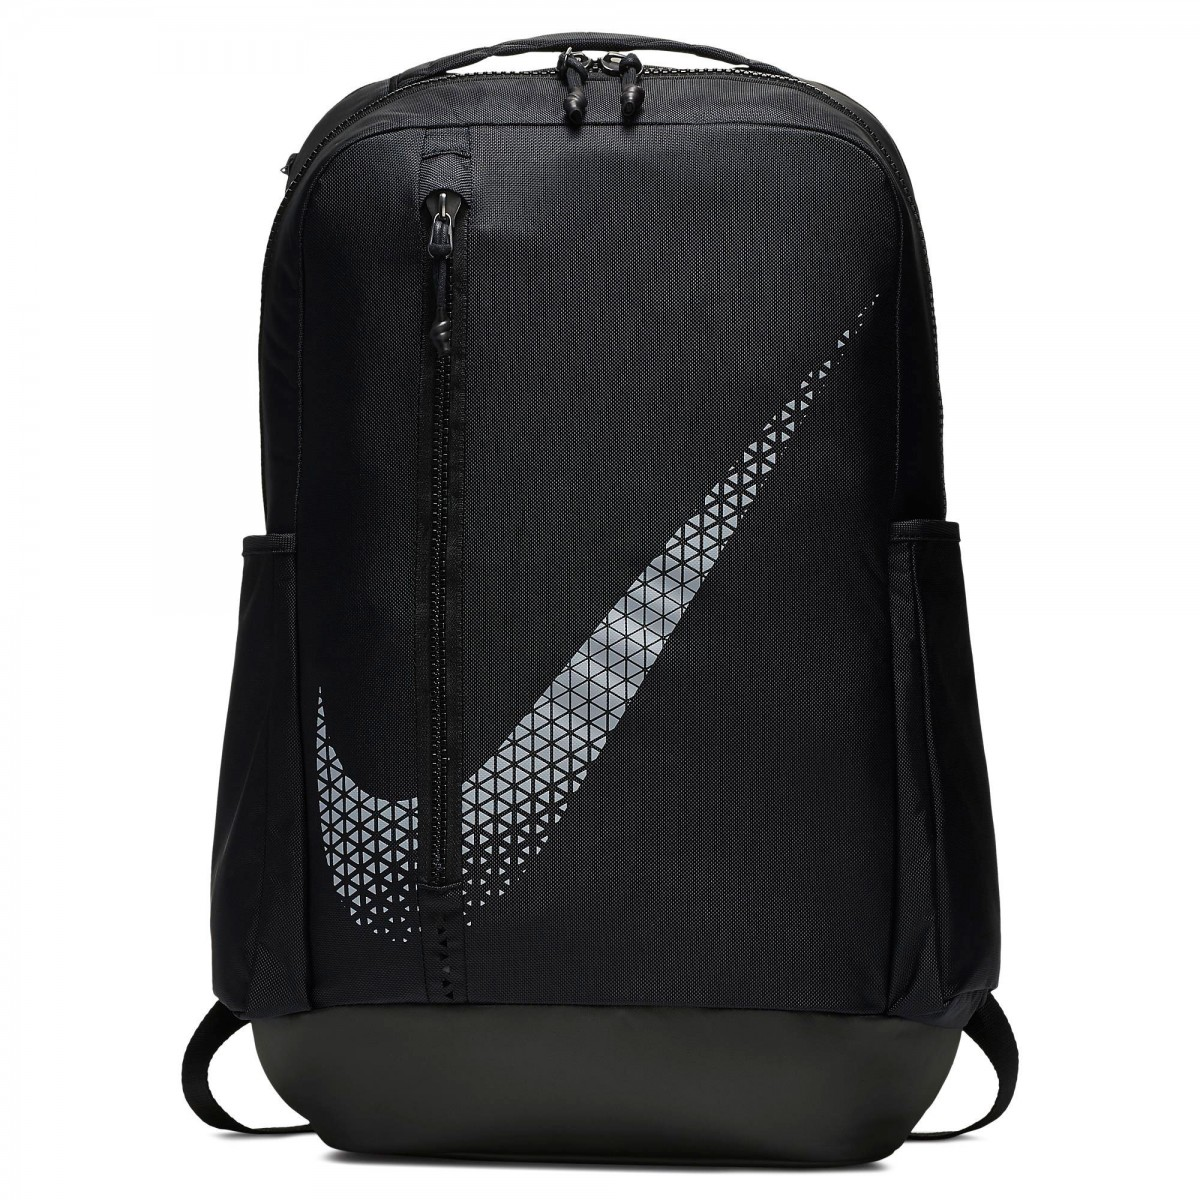 de86273b6 Mochila Nike Vapor Power PRETO/CINZA Com o Melhor Preço na Vizzent